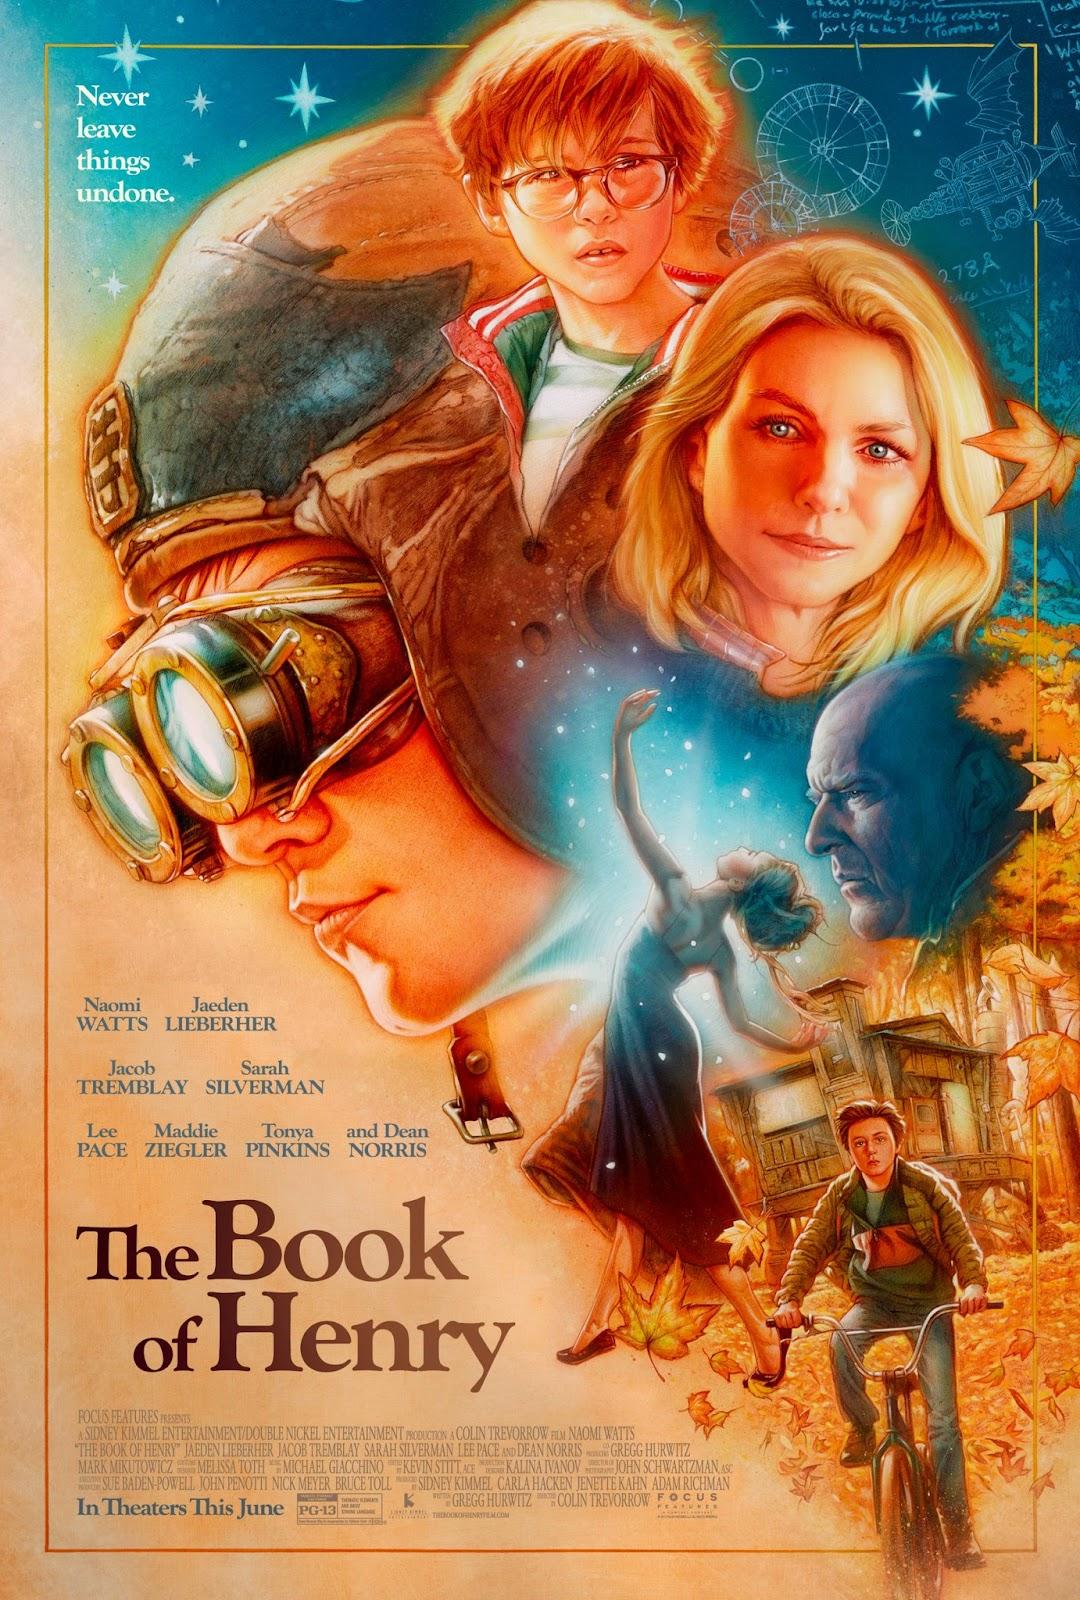 Book of Henry - poster.jpg